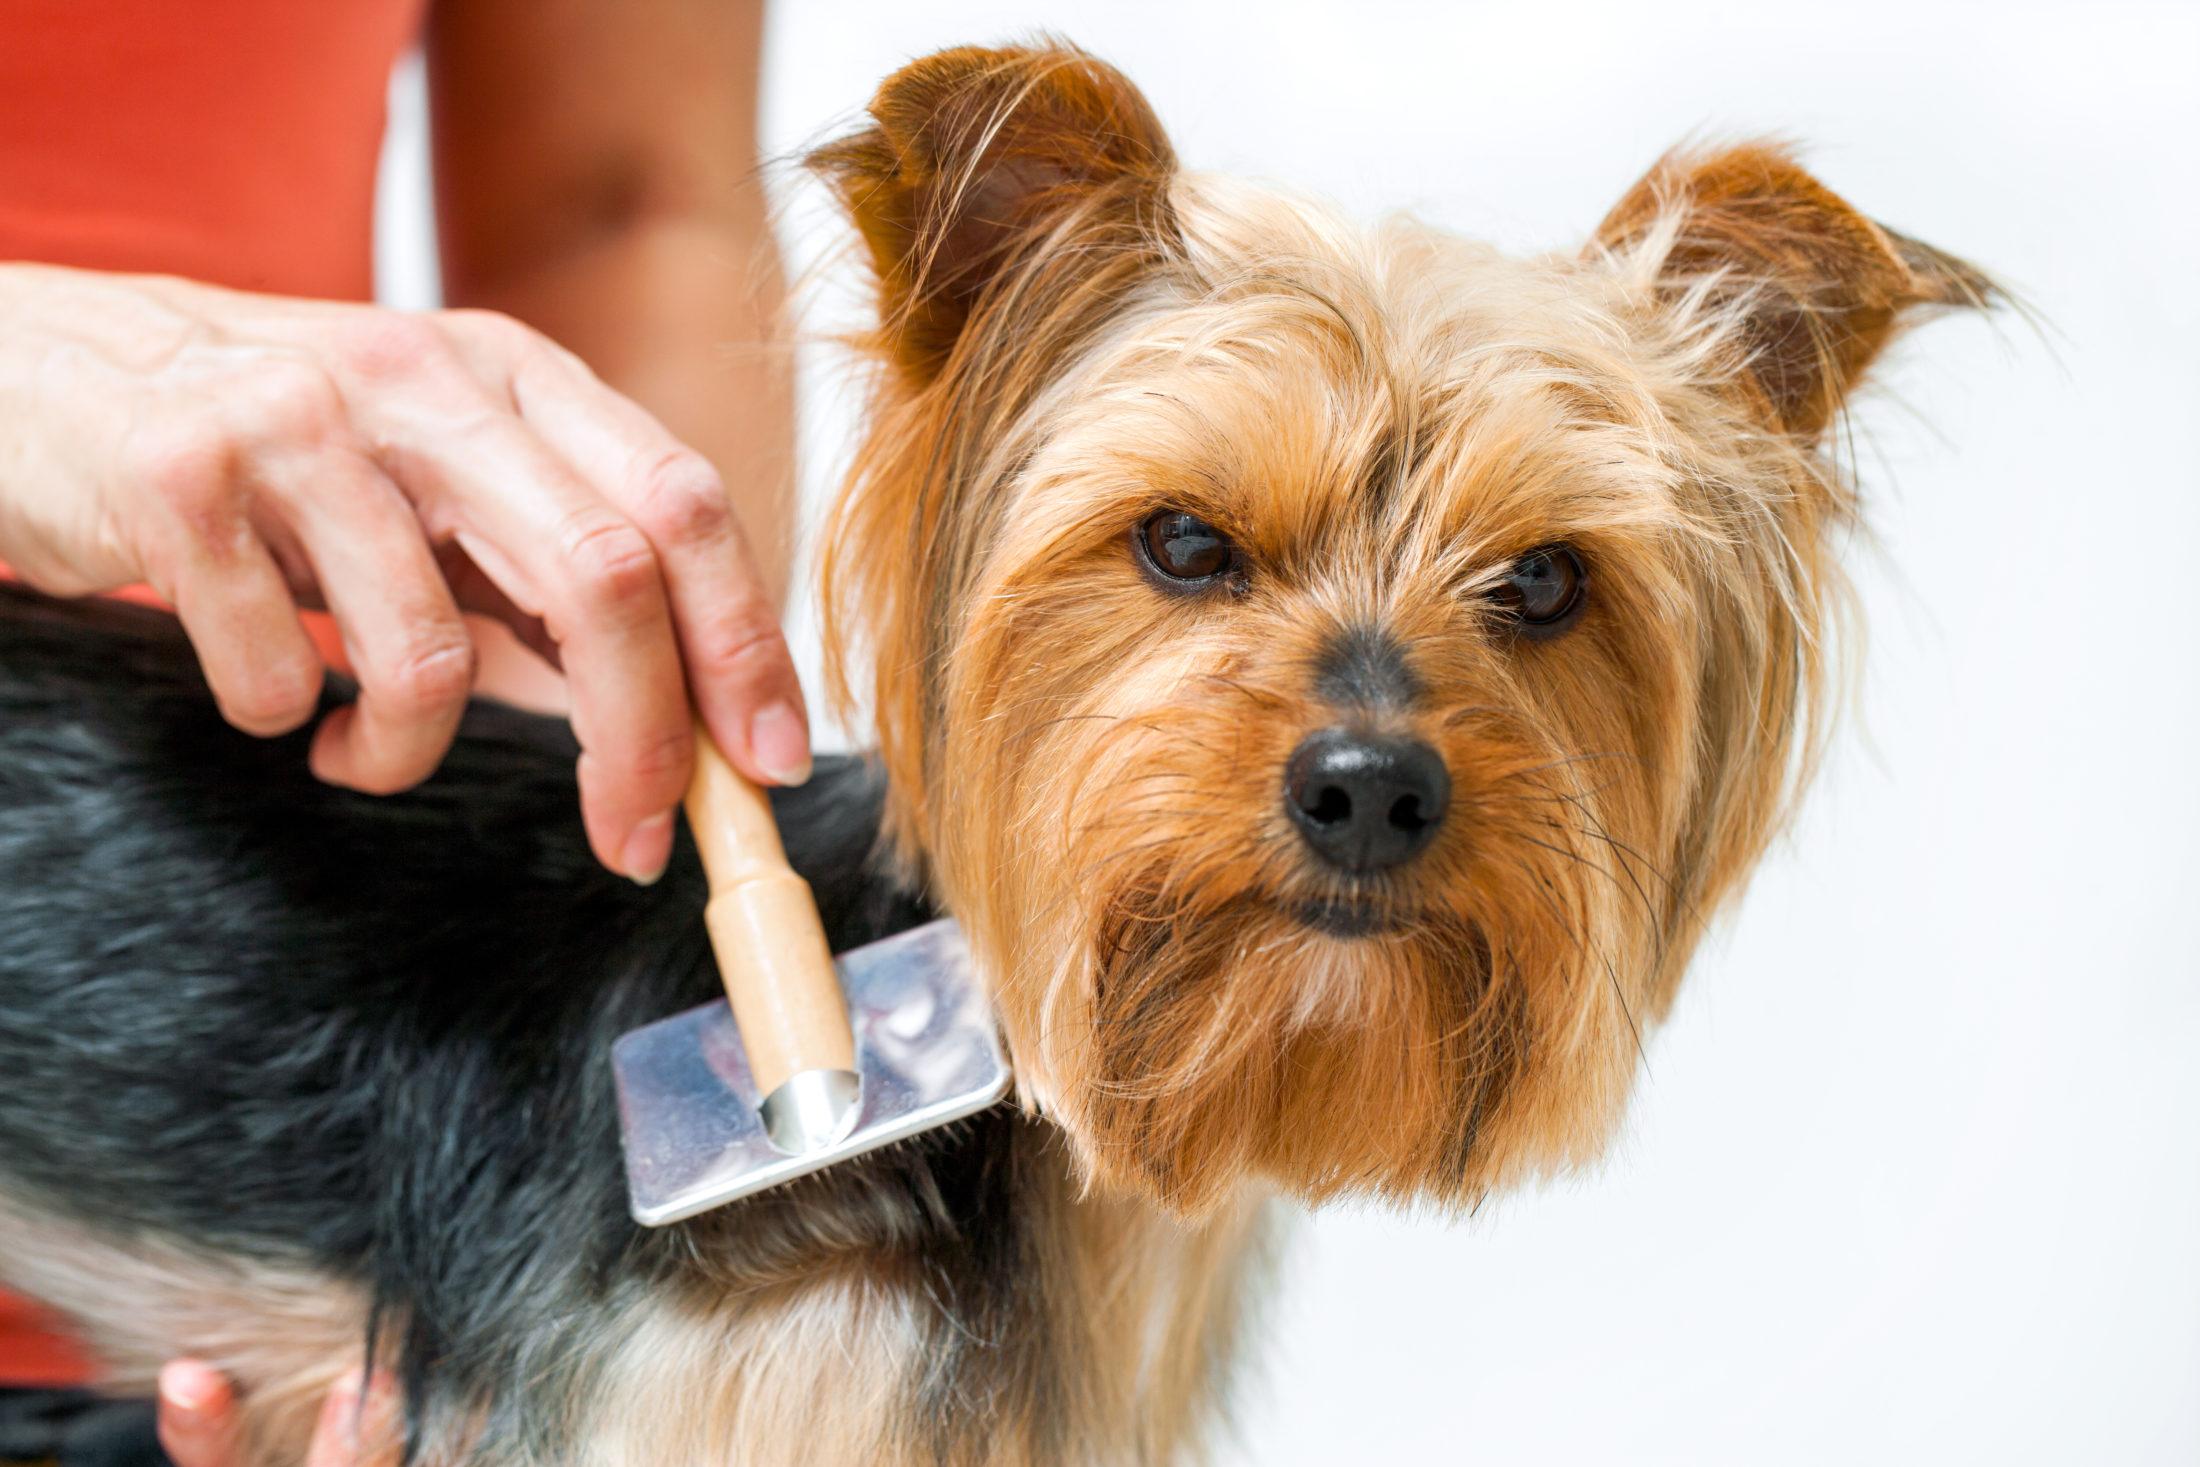 cachorro sendo escovado em casa durante a pandemia do corona vírus.